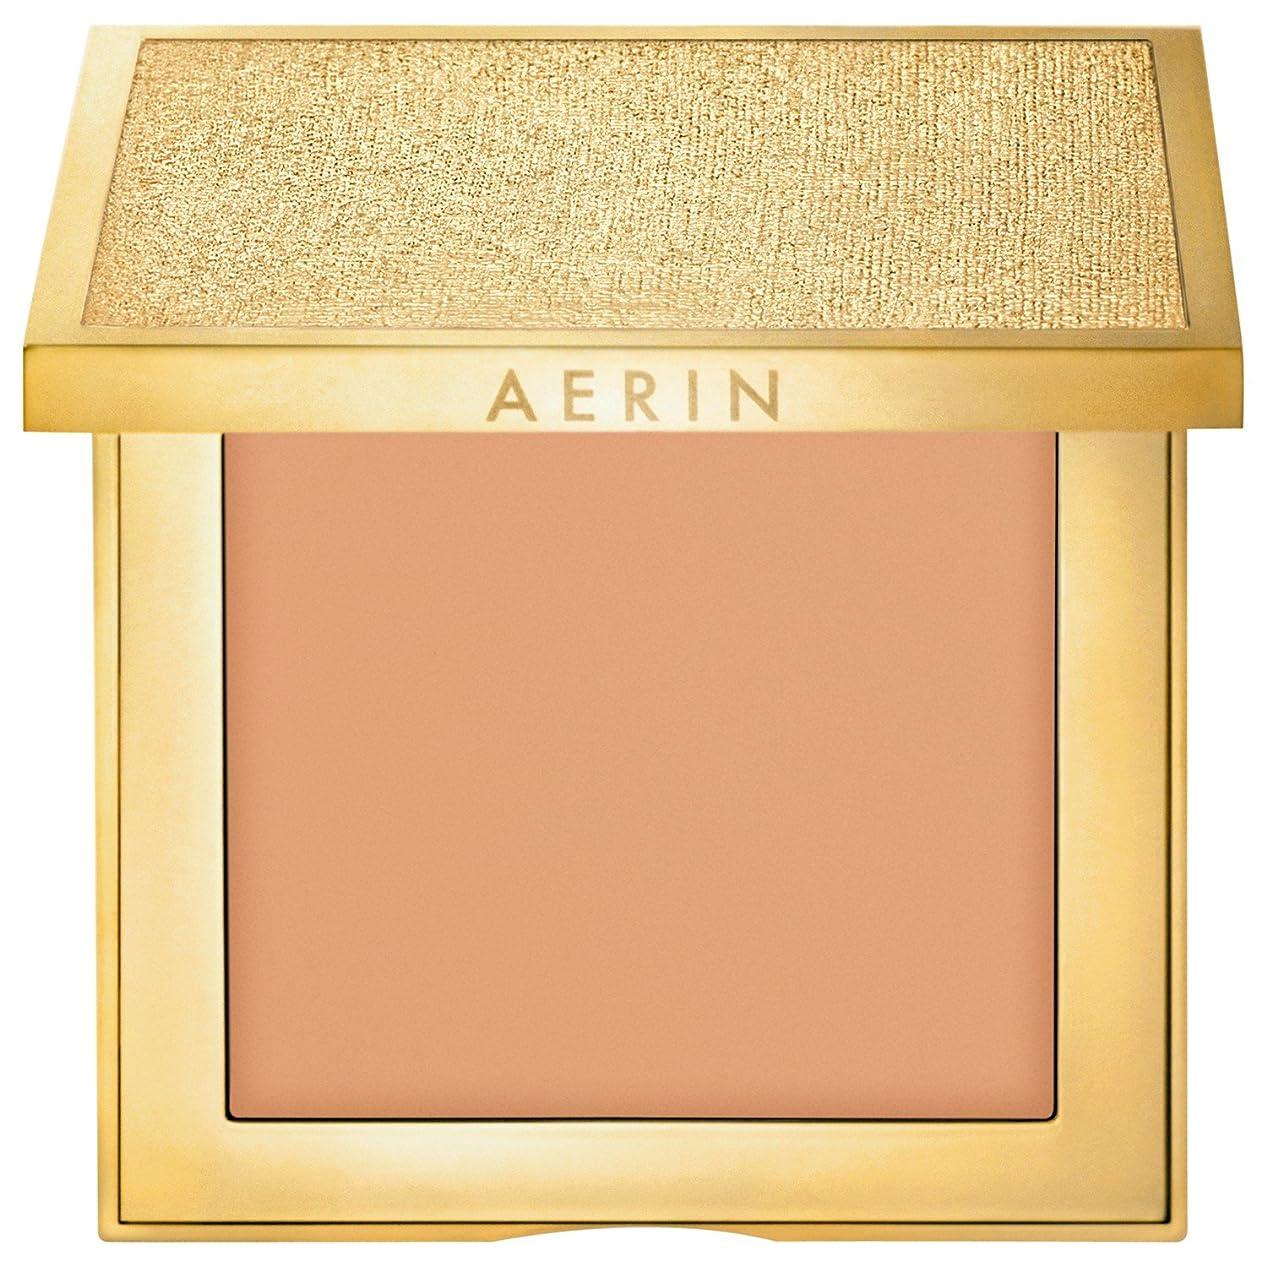 マイル協力的退化するAerin新鮮な肌コンパクトメイクアップレベル5 (AERIN) (x6) - AERIN Fresh Skin Compact Makeup Level 5 (Pack of 6) [並行輸入品]